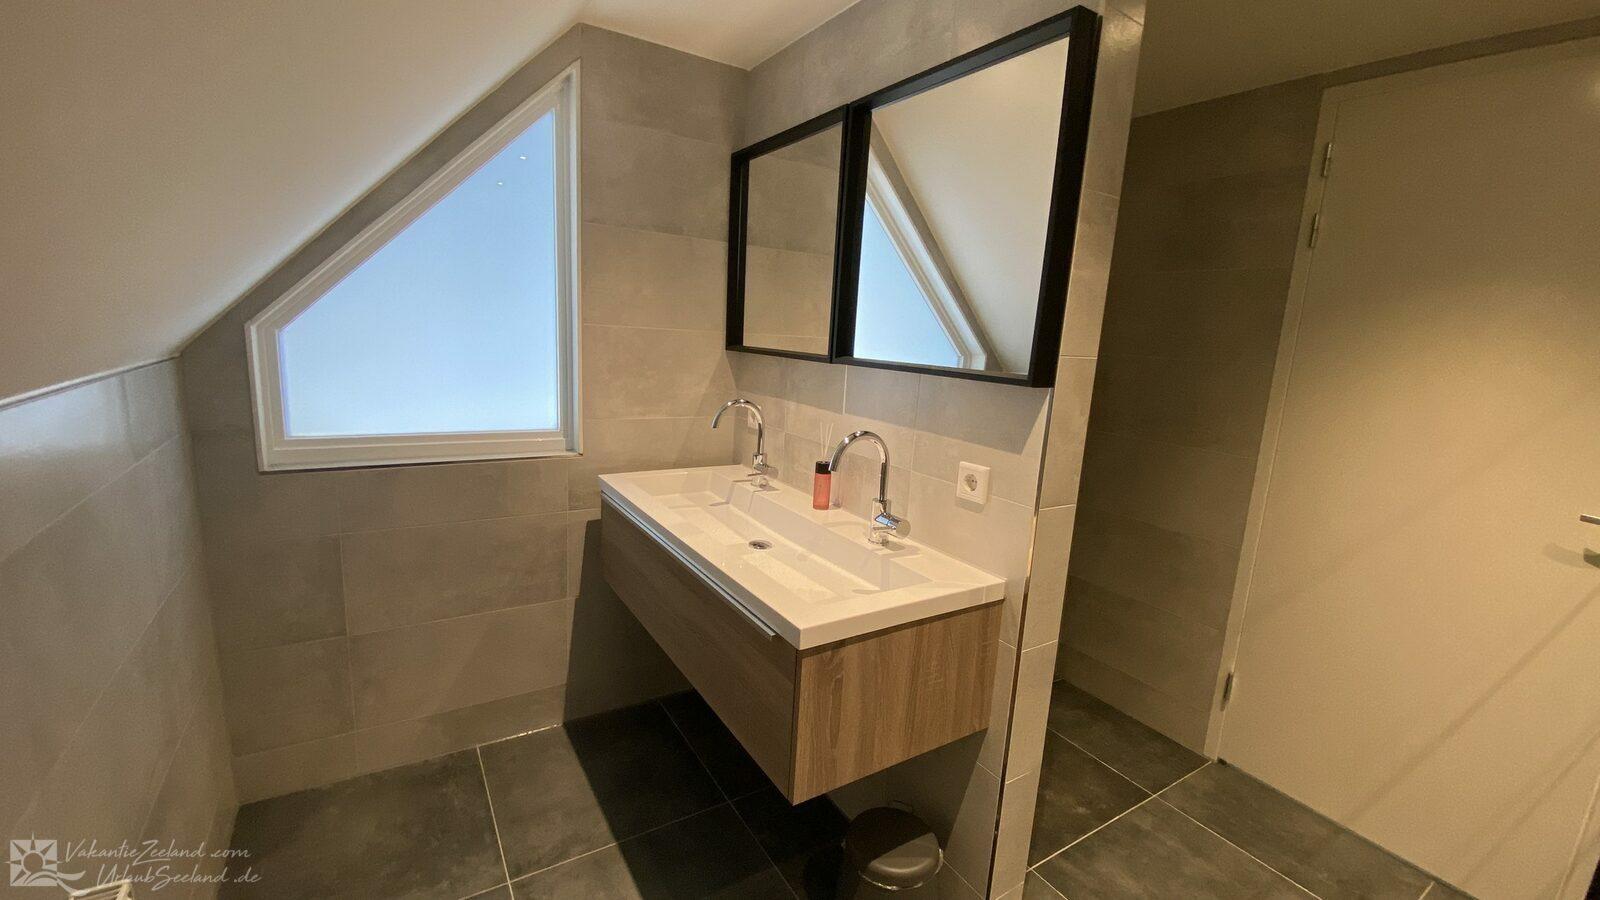 VZ1022 Vakantieappartement in Veere